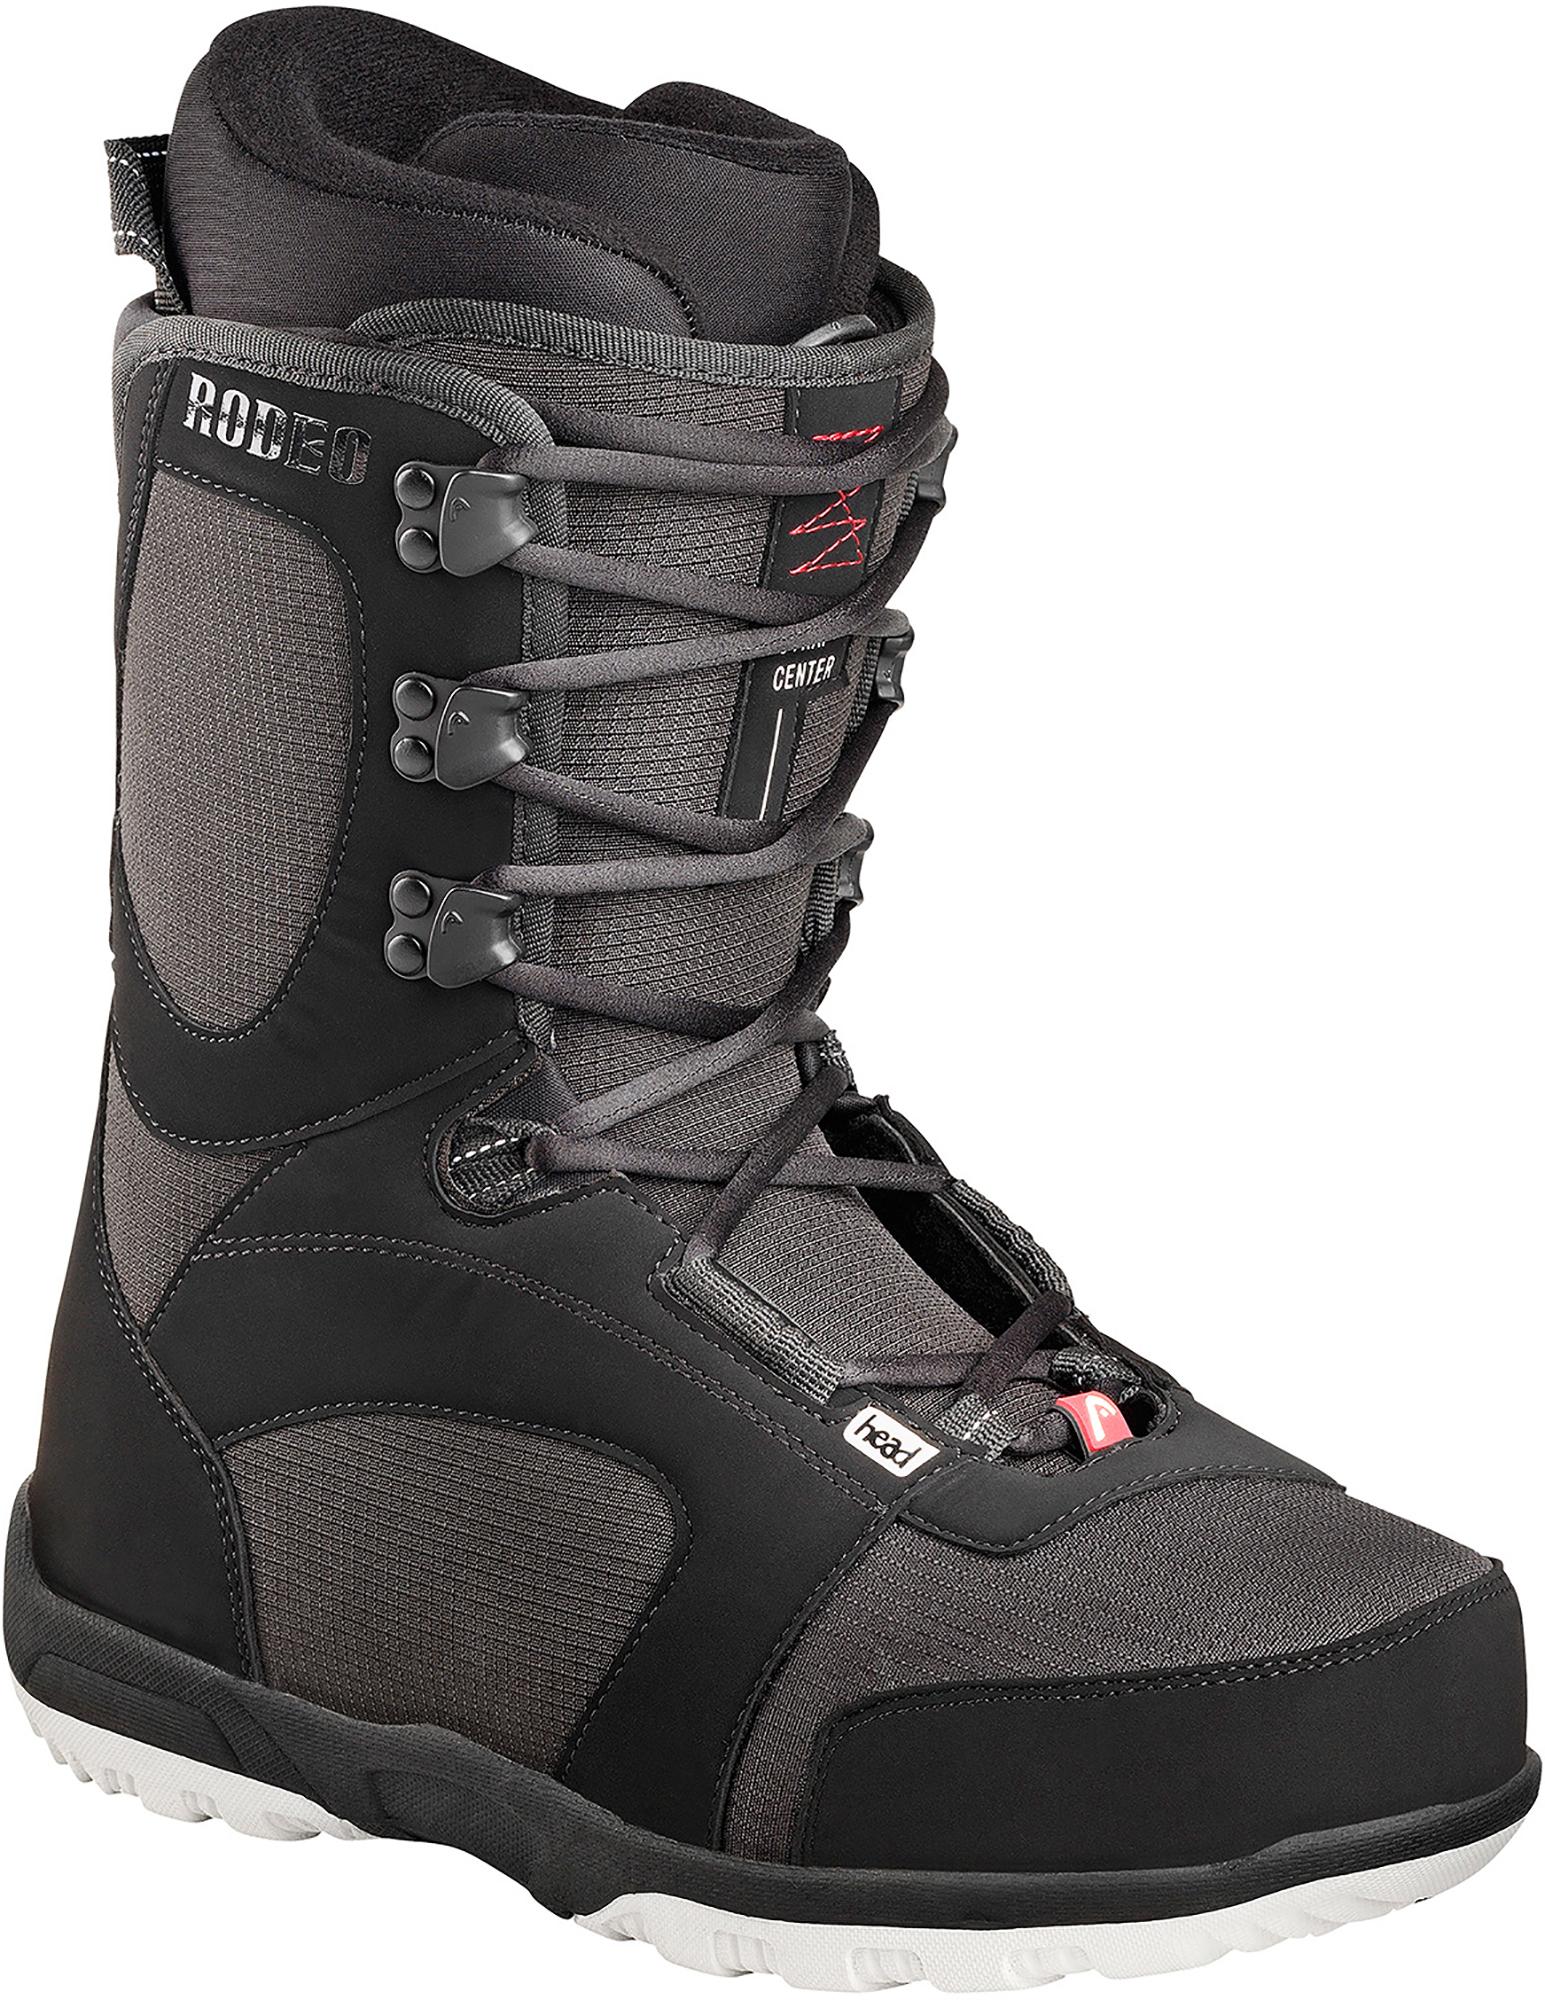 купить Head Сноубордические ботинки Head Rodeo, размер 44 по цене 11199 рублей